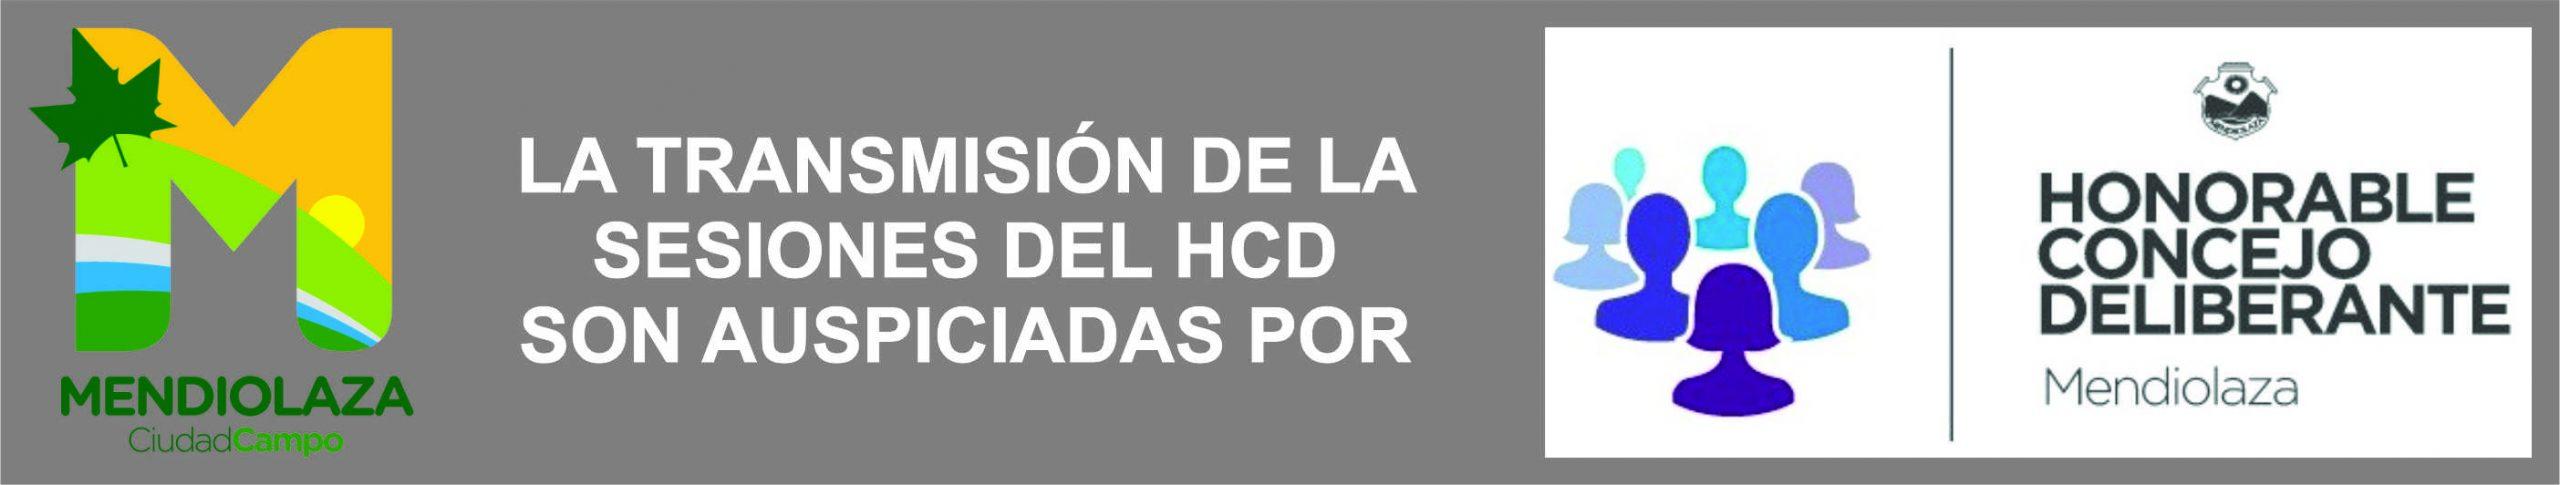 HCD de Mendiolaza Sesión 12-04-21